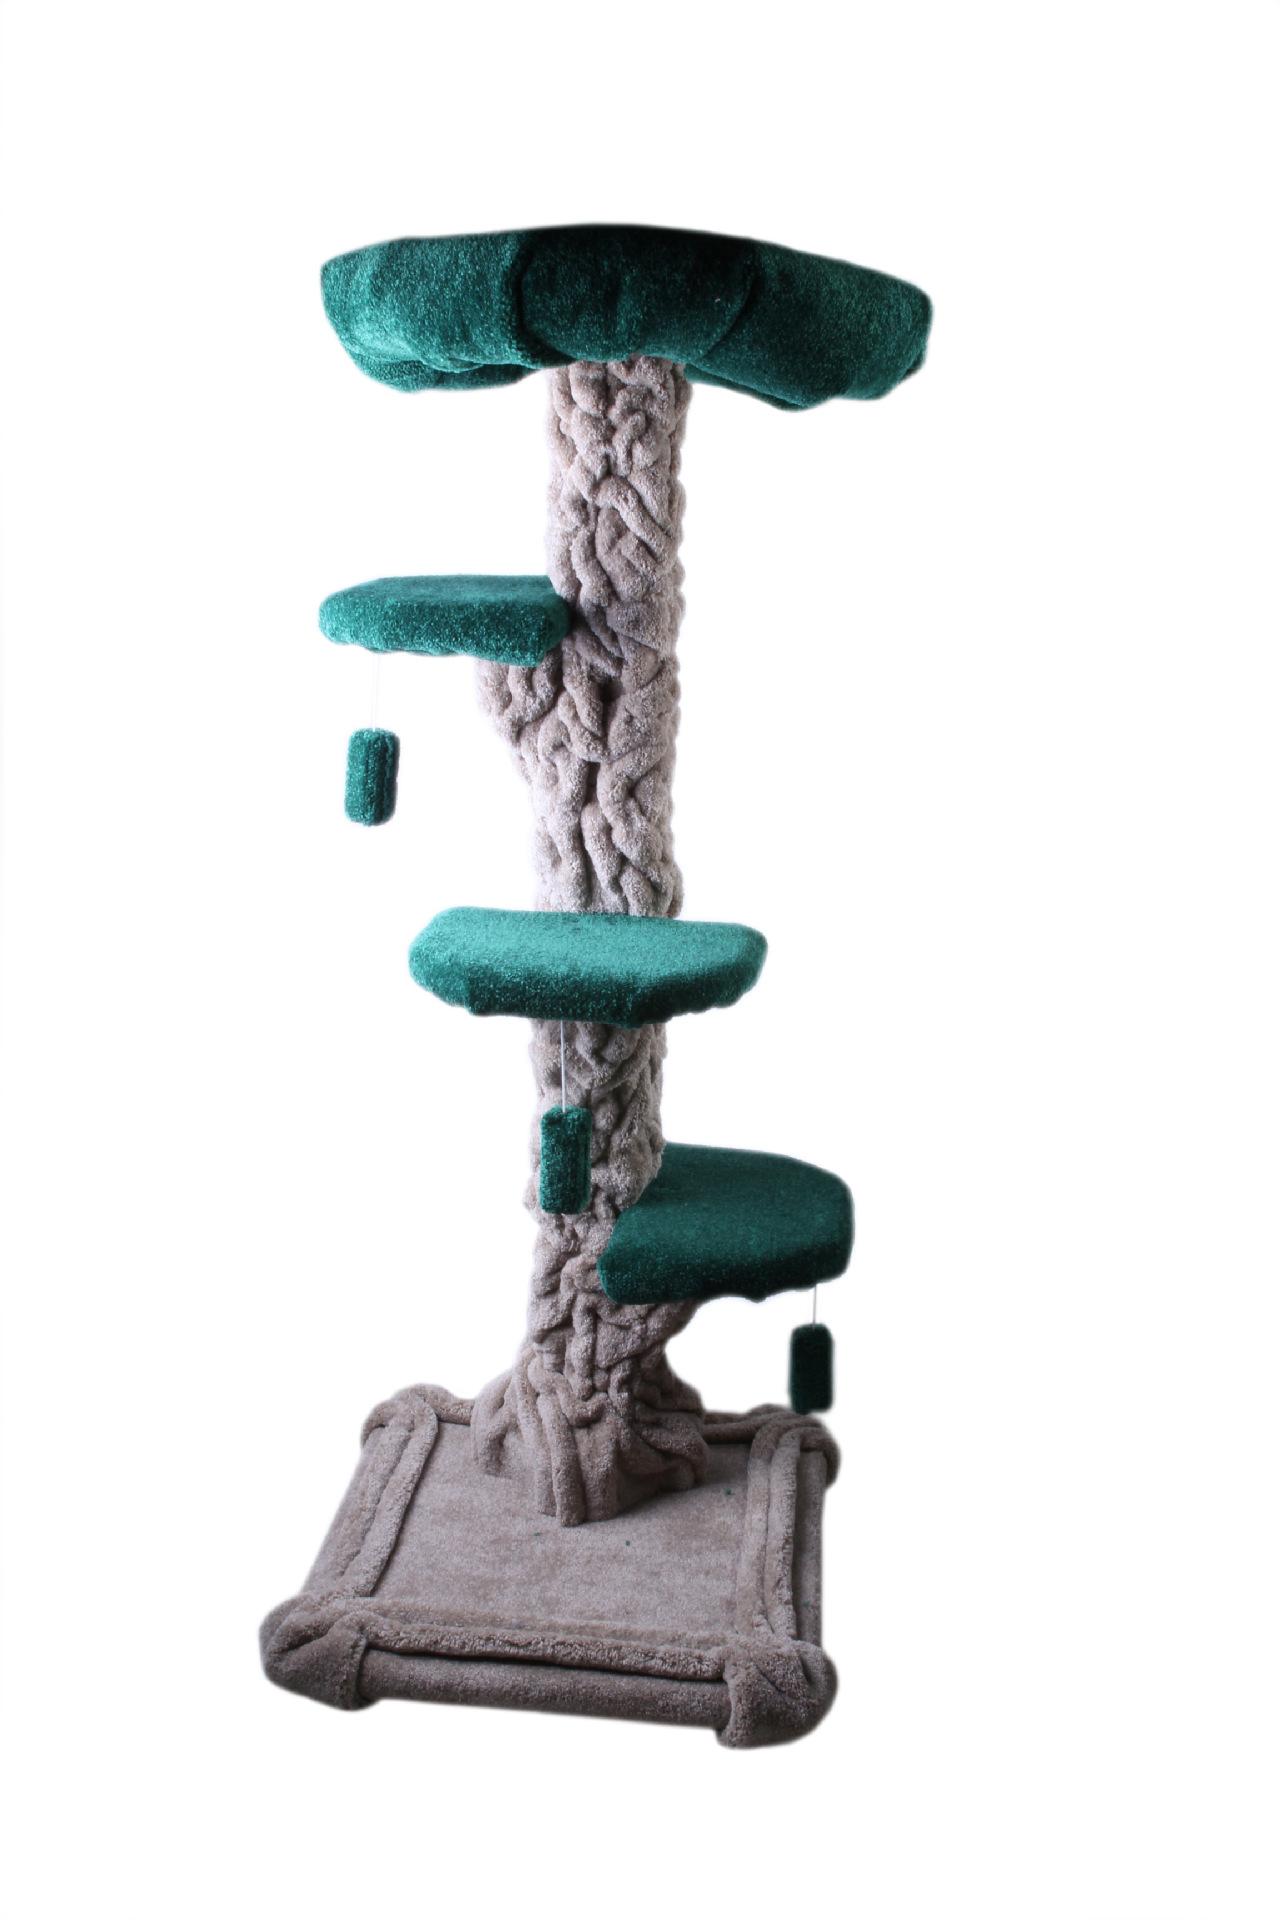 MU0164 คอนโดแมวขนาดใหญ่ รูปทรงต้นไม้ ที่นอนบ้านแมว สีเขียวสดใส